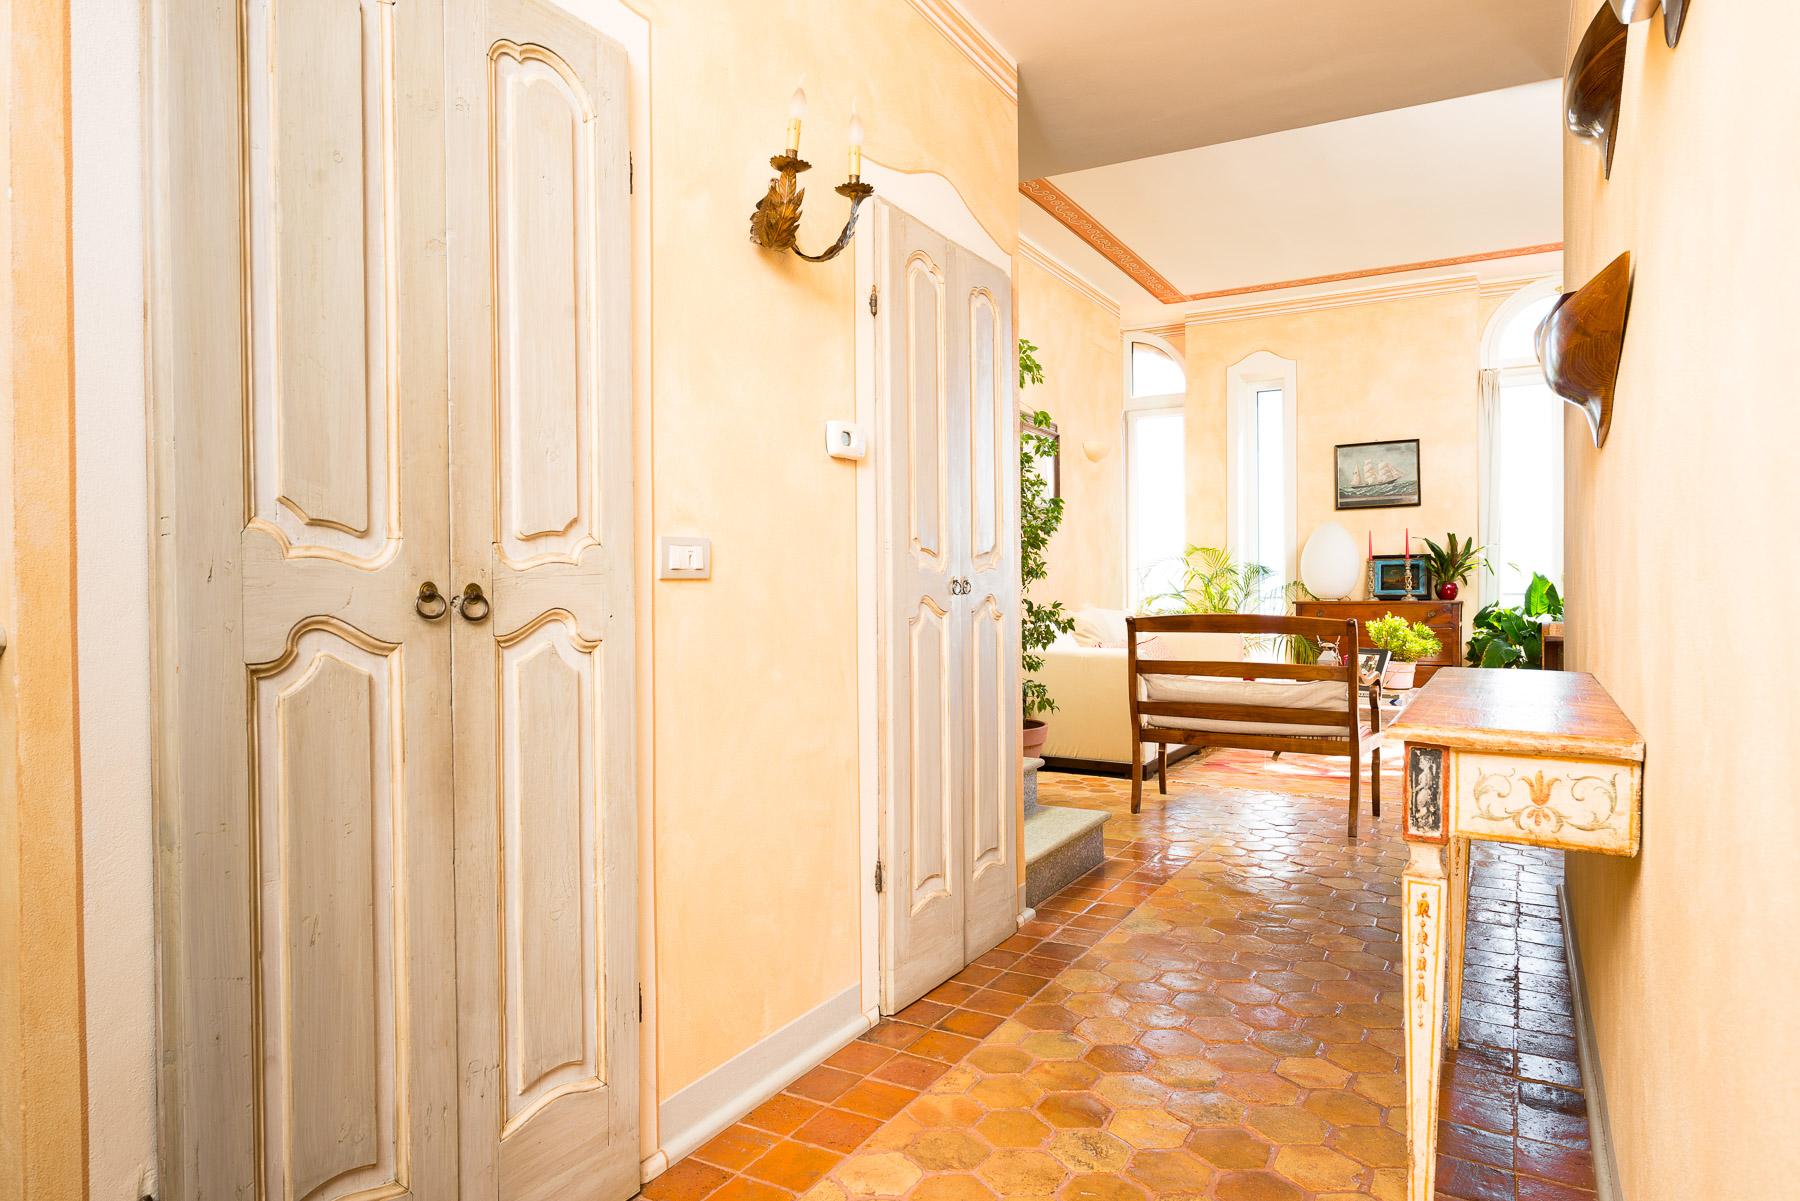 Casa indipendente in Vendita a Santa Margherita Ligure: 5 locali, 260 mq - Foto 7